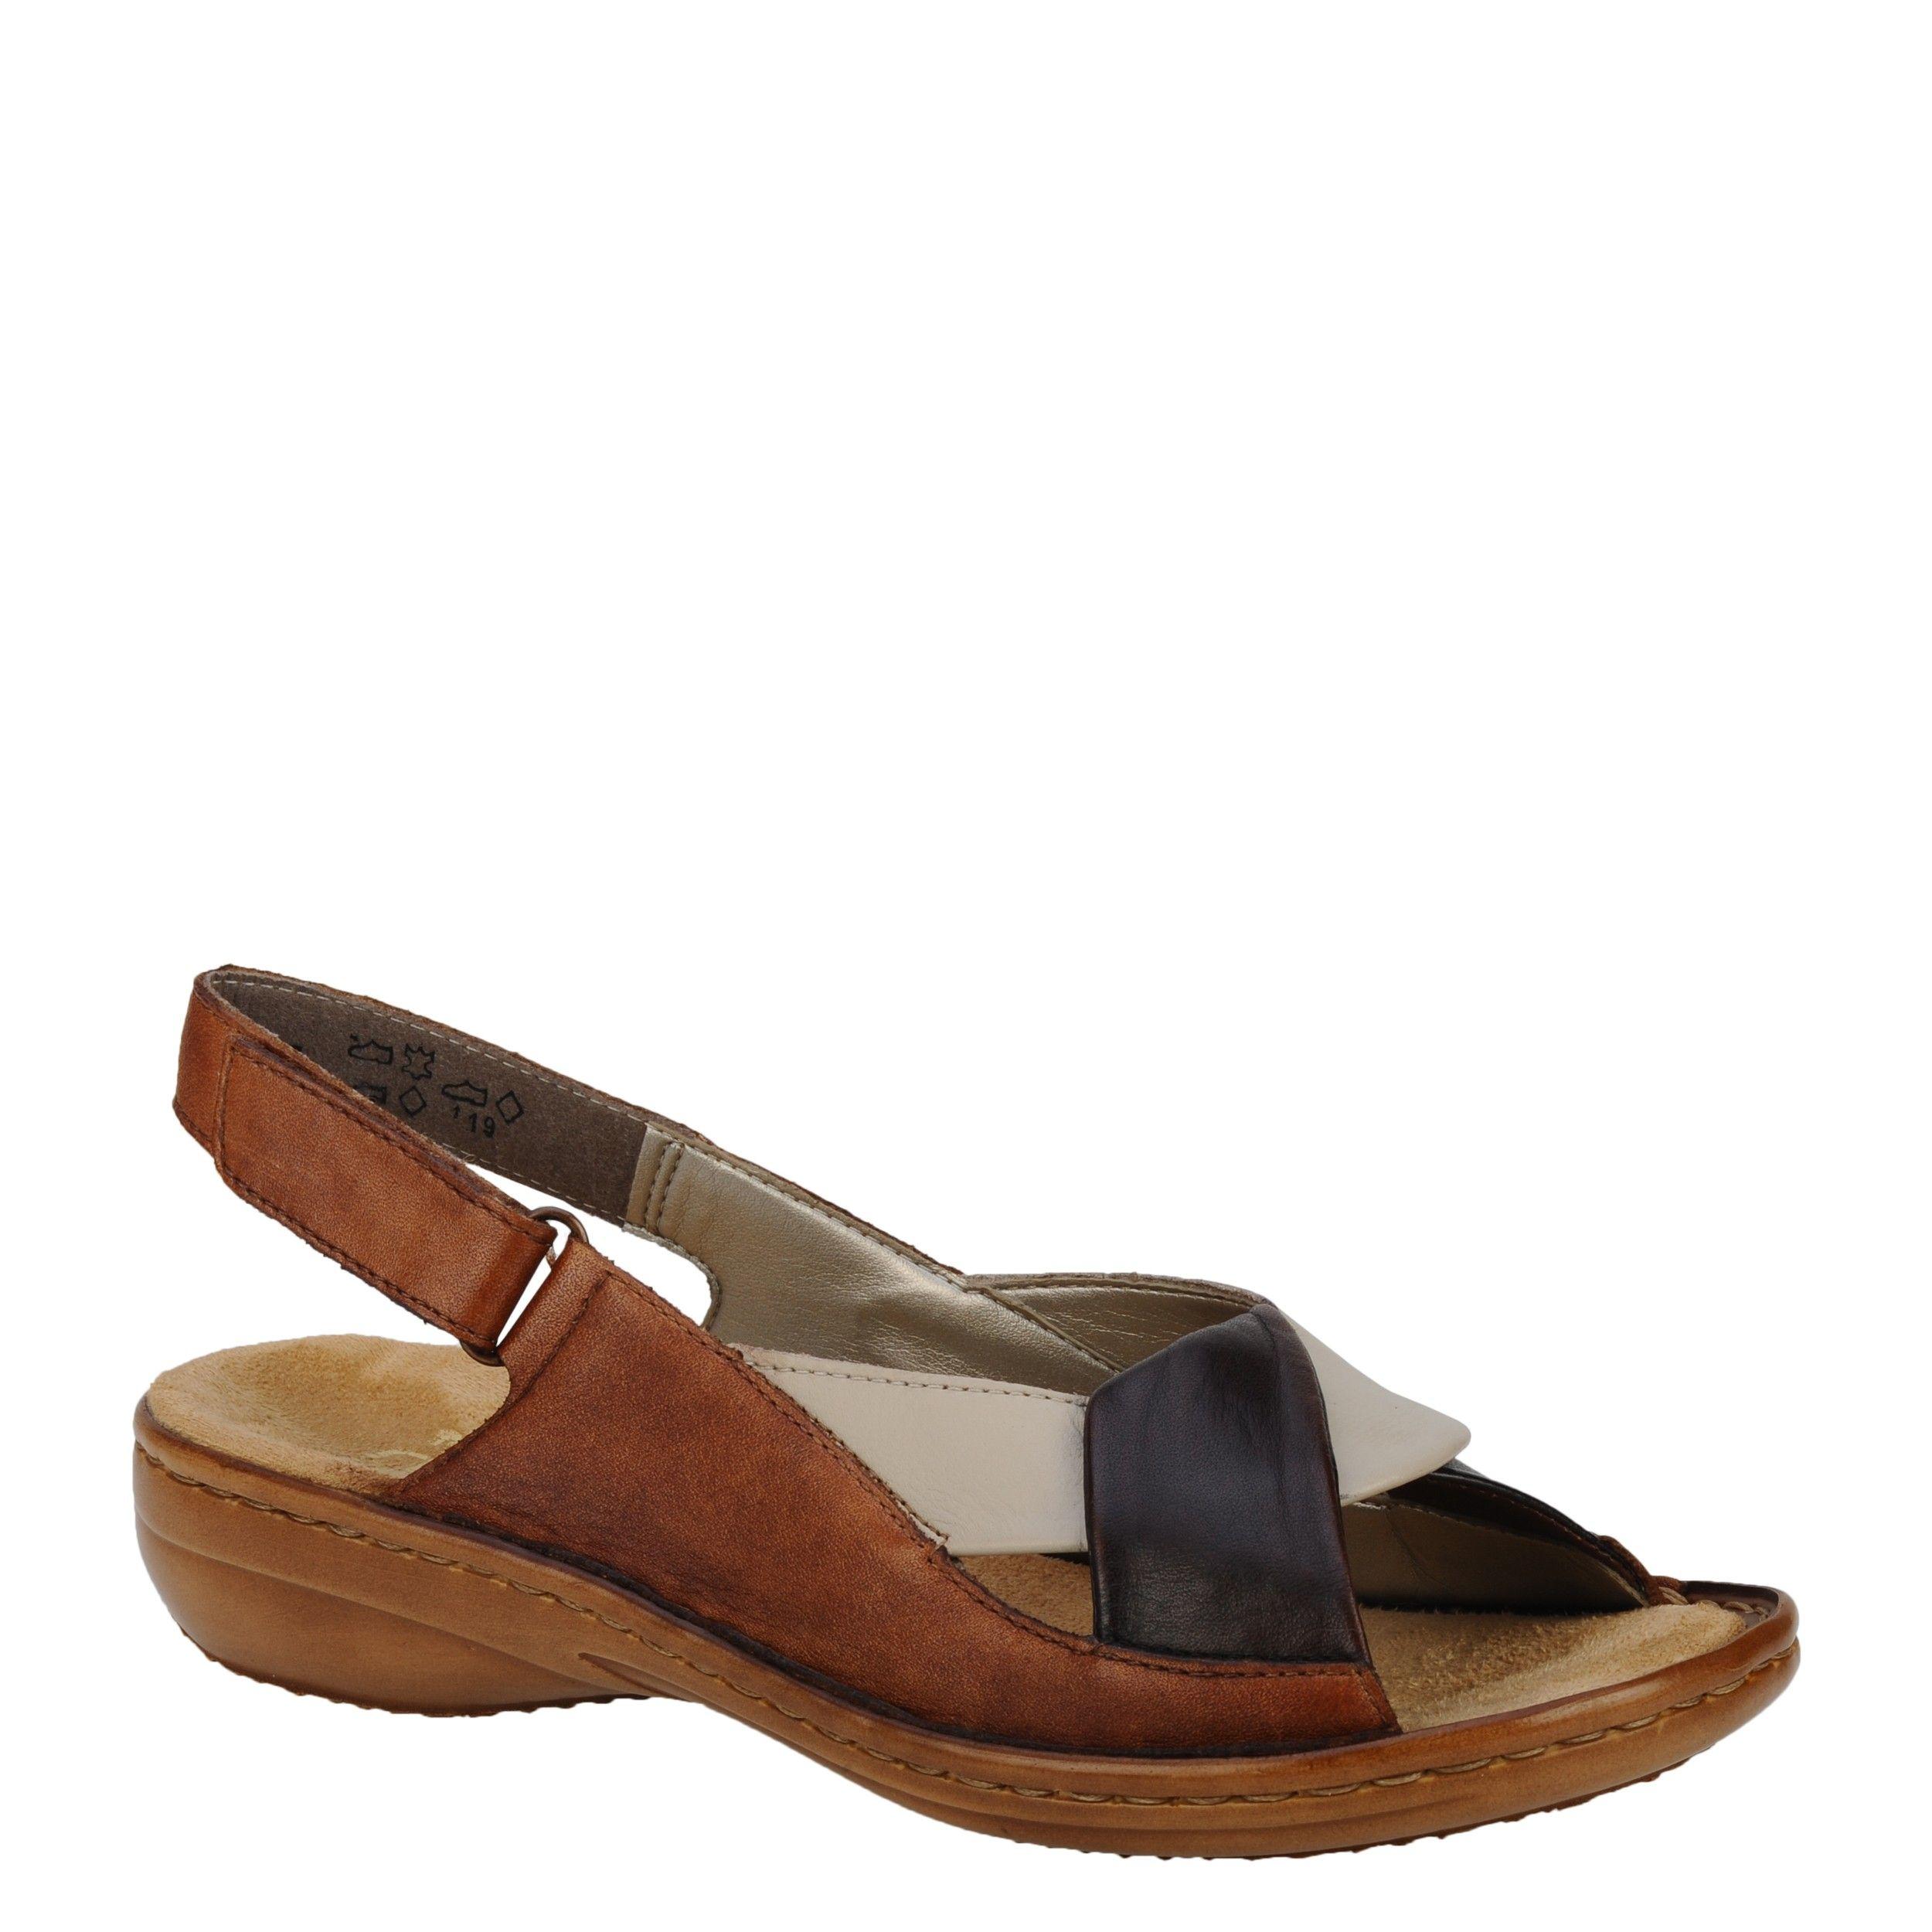 Sandale casual dama Rieker maro  a8ca004ca0c